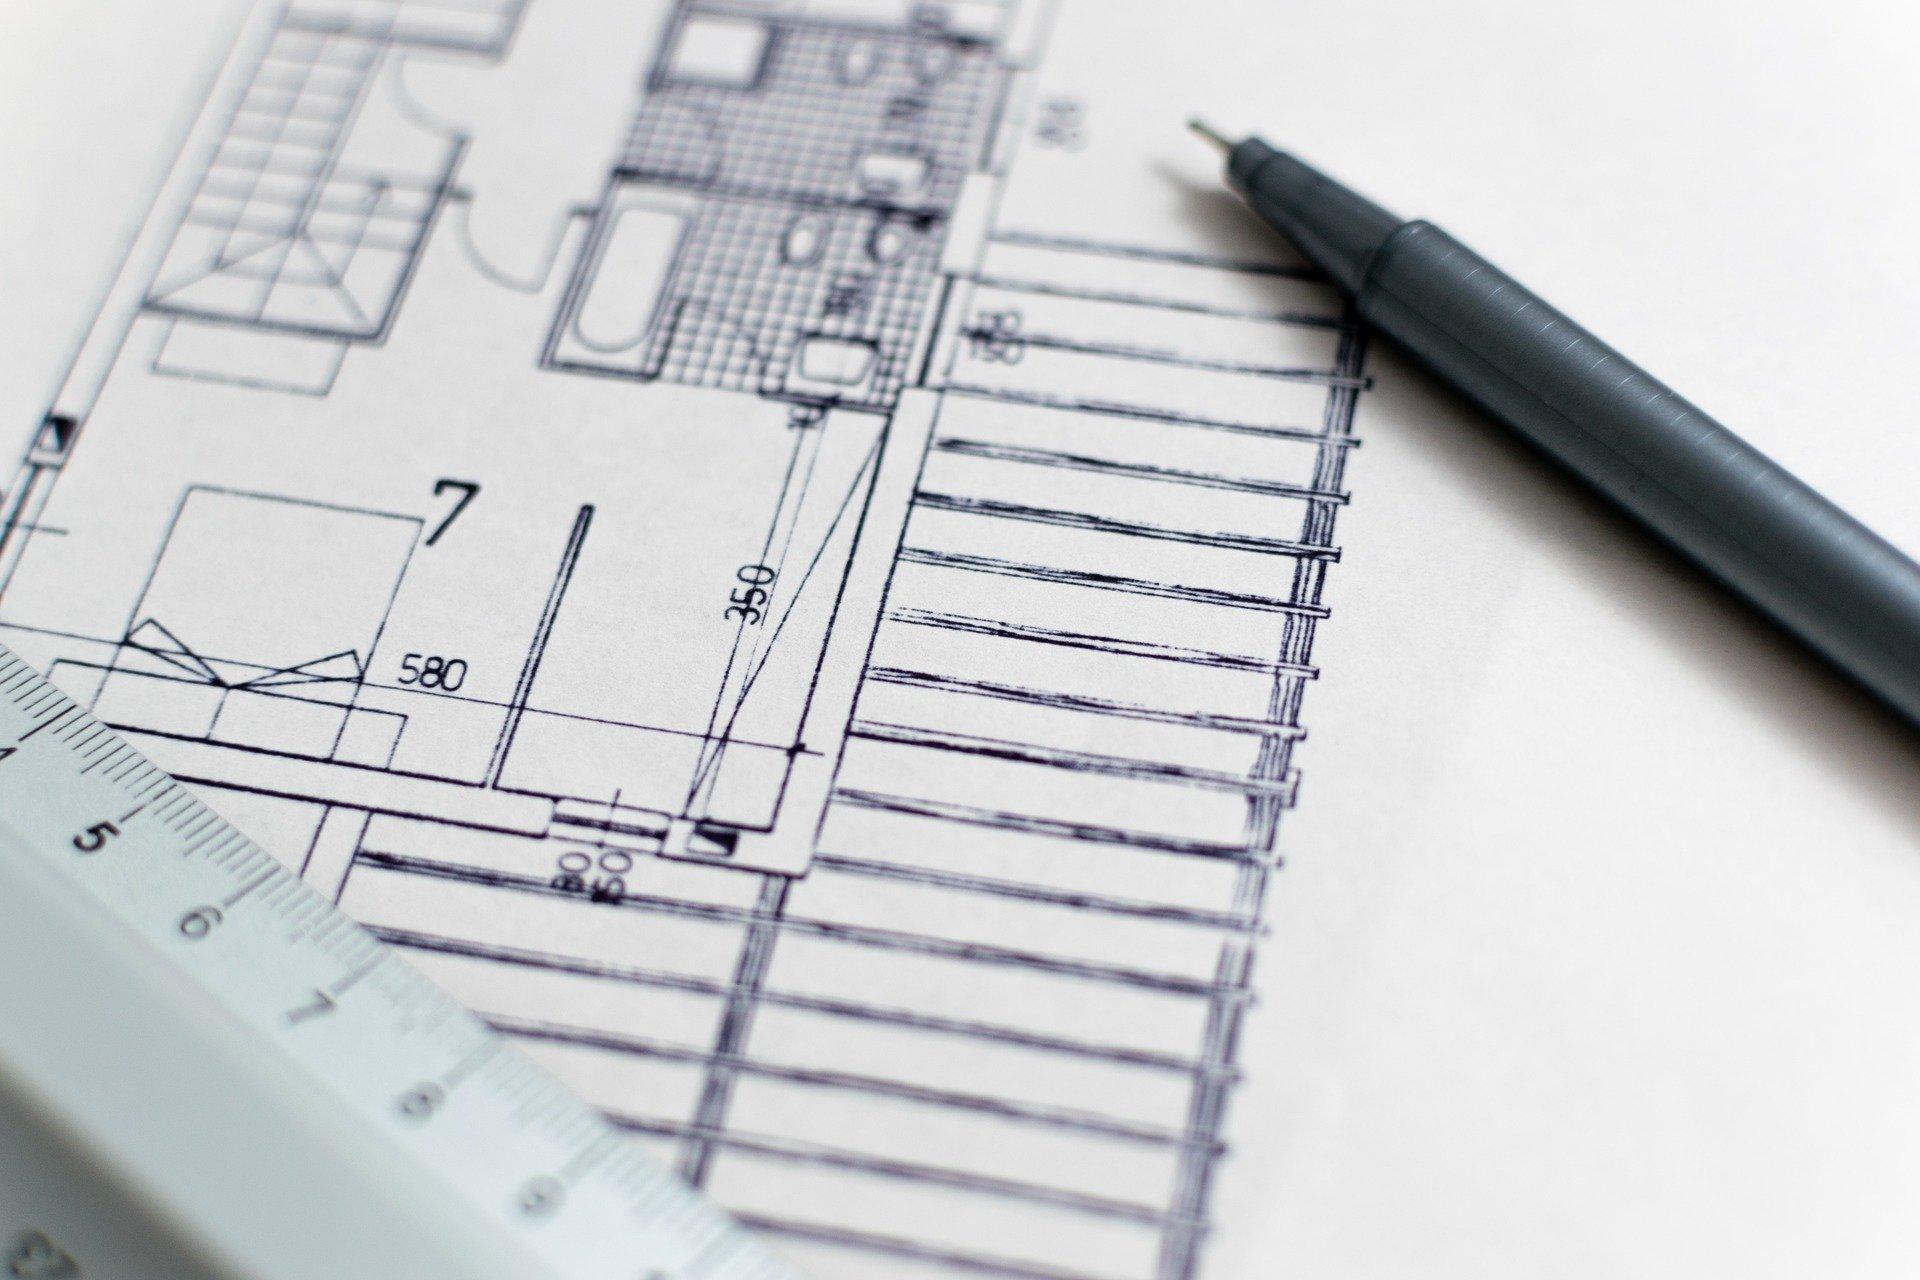 Bezpłatne konsultacje z inżynierami budownictwa